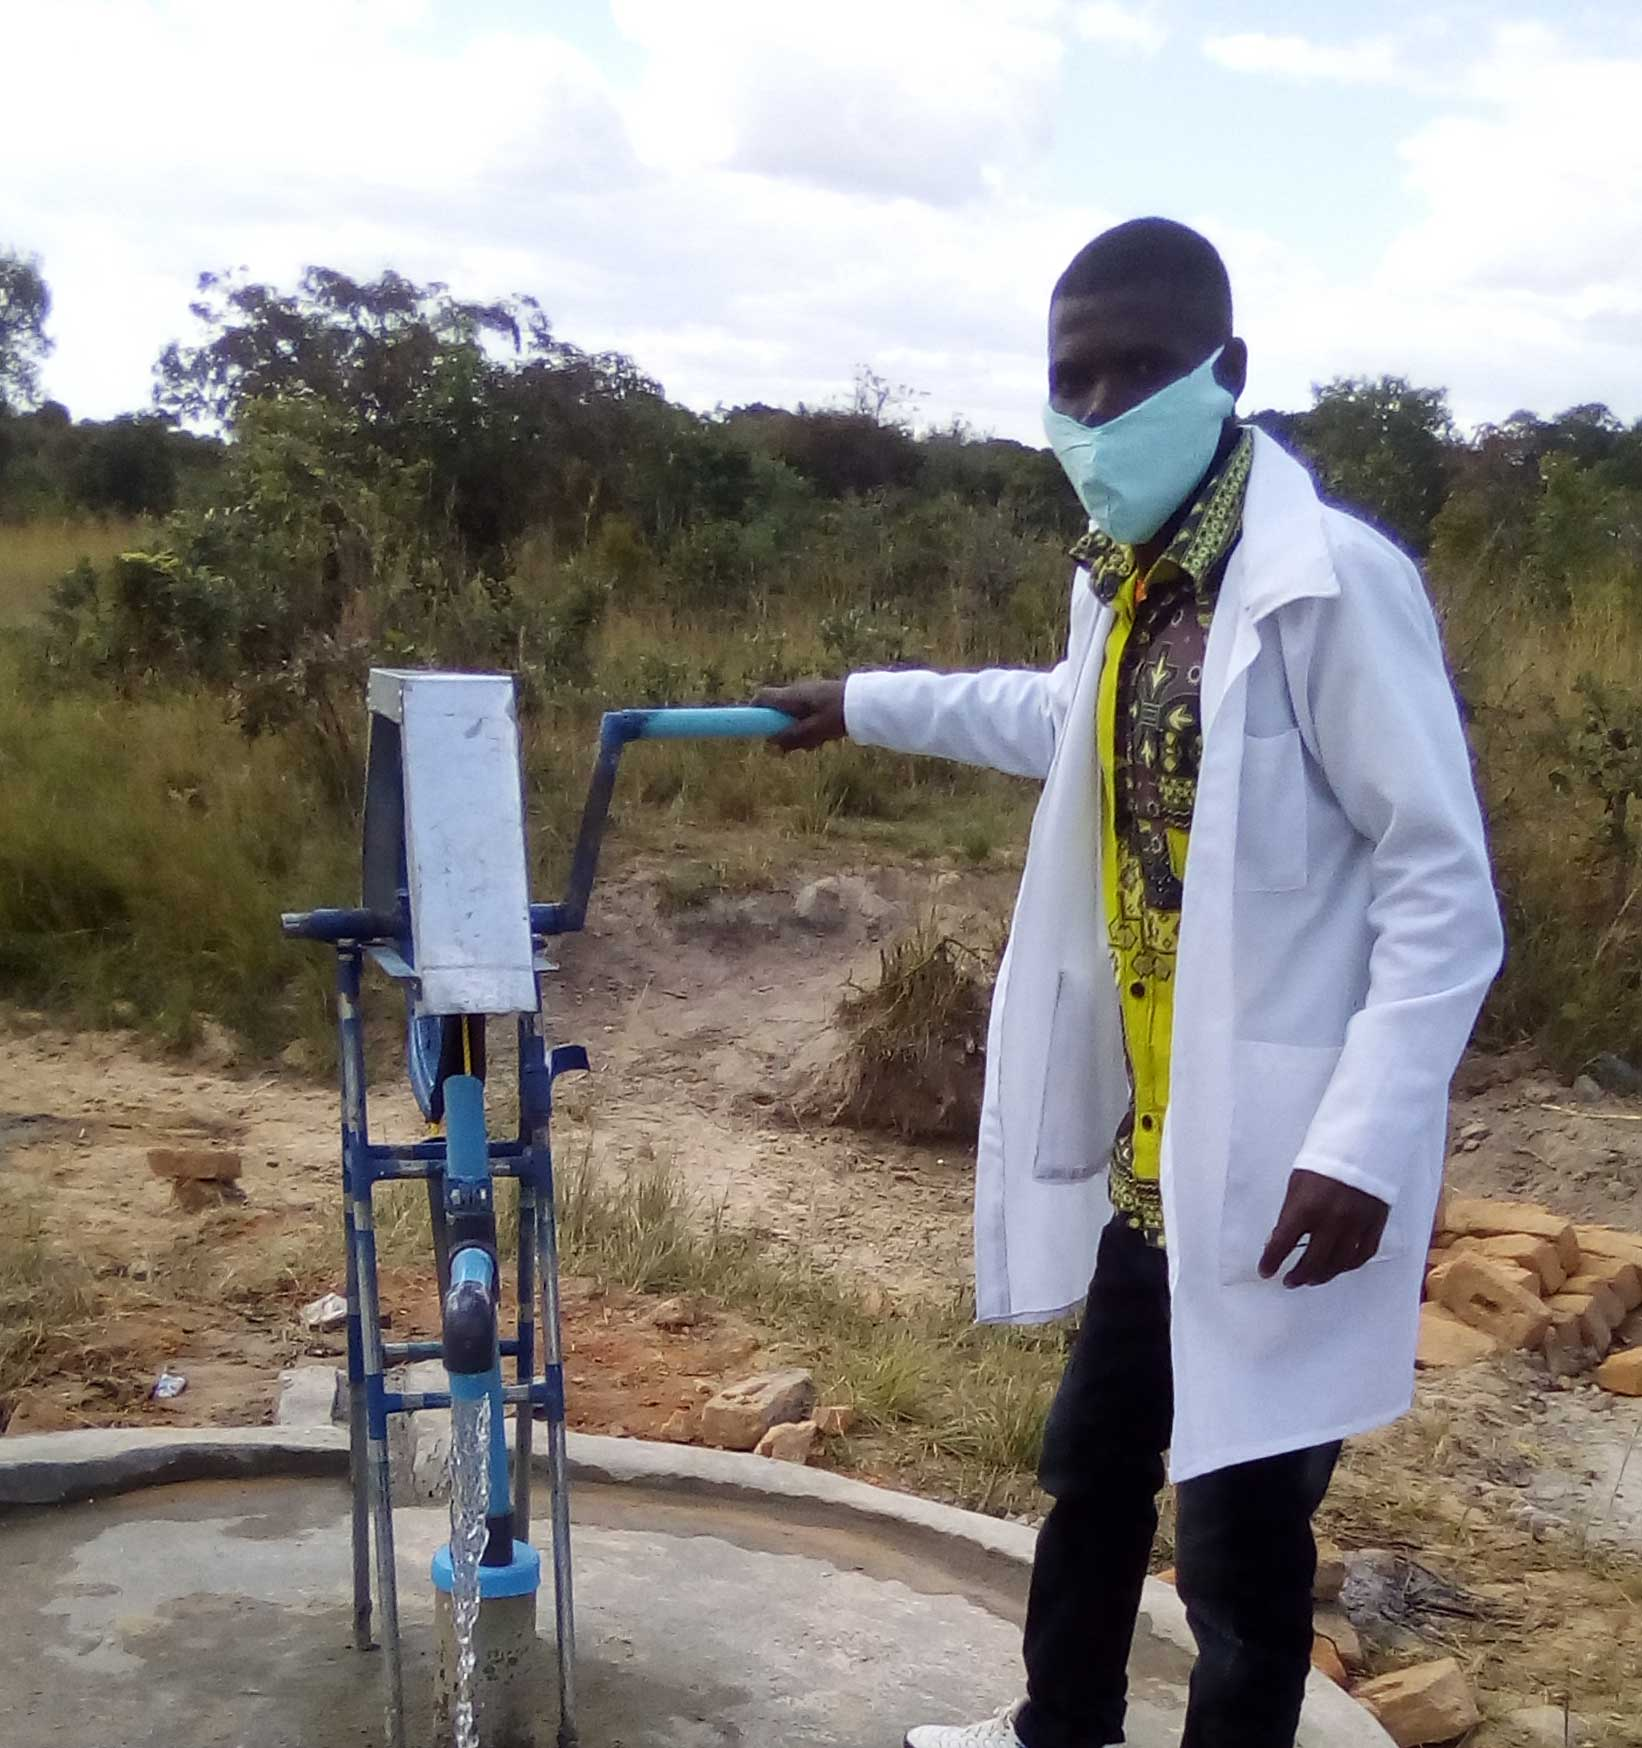 Pump at Chindeza rural health center